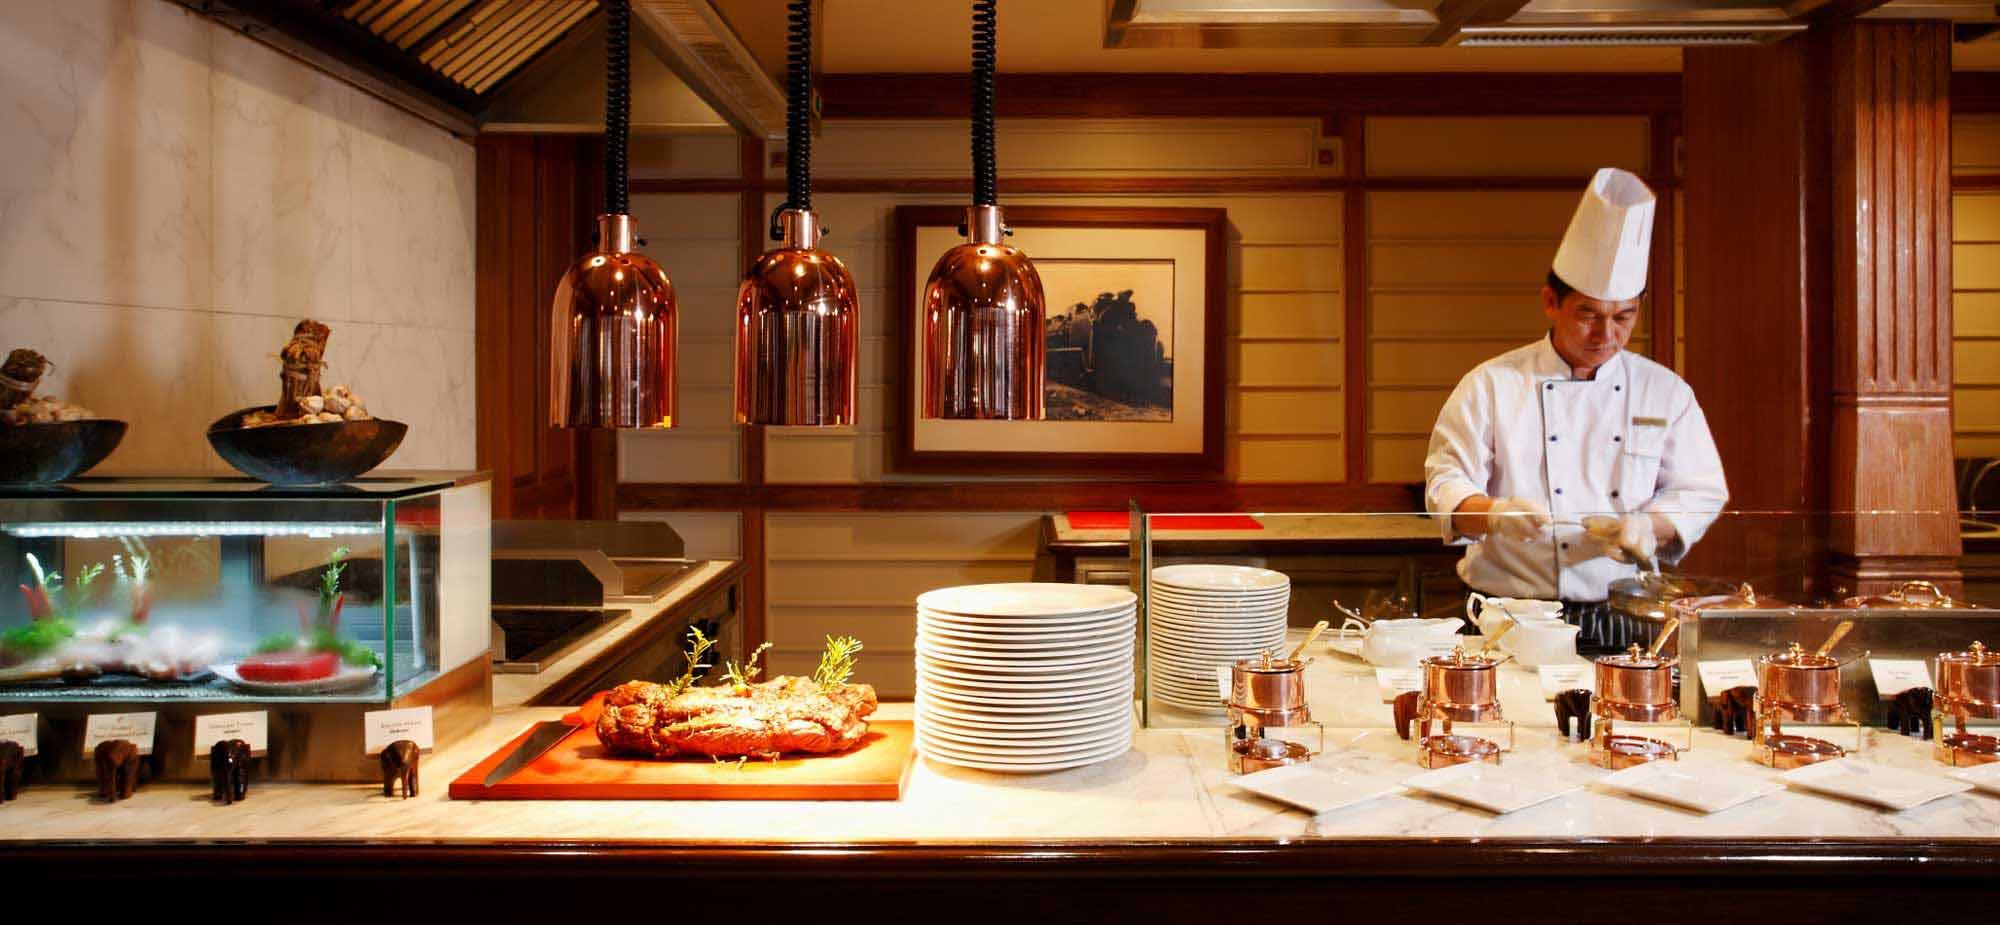 أفضل المطاعم في هوا هين (1)